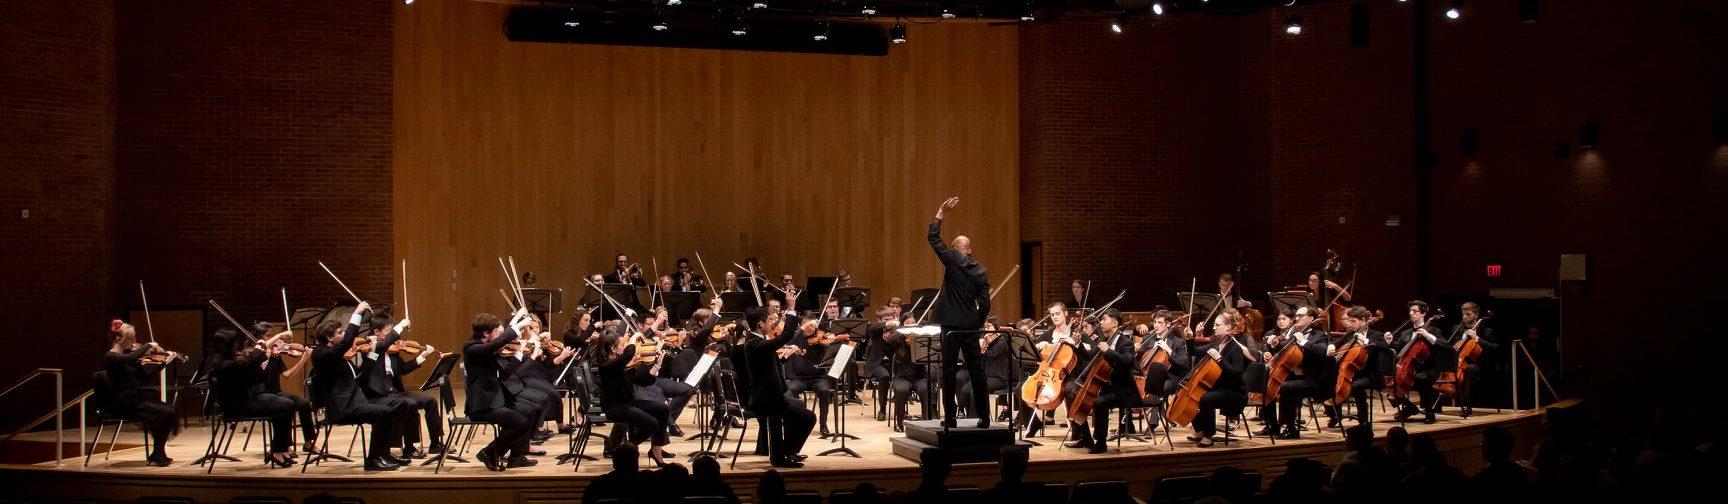 Symphonu Orchestra